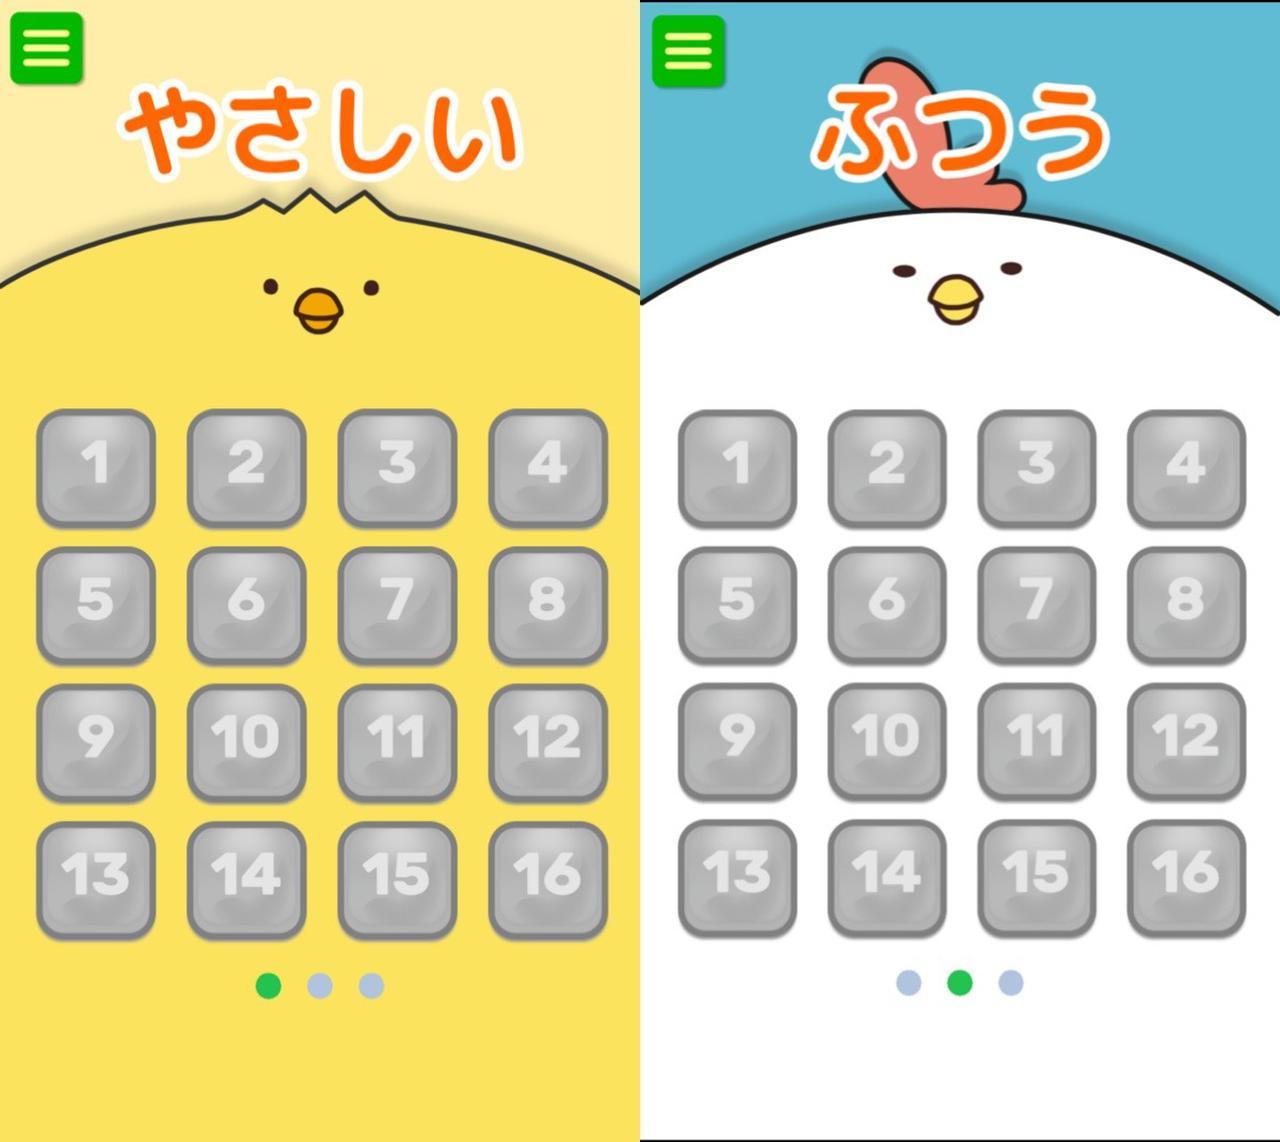 画像3: 一見すると2048、でもプラス要素が。同じ数字を作りキャラタイルを消そう!